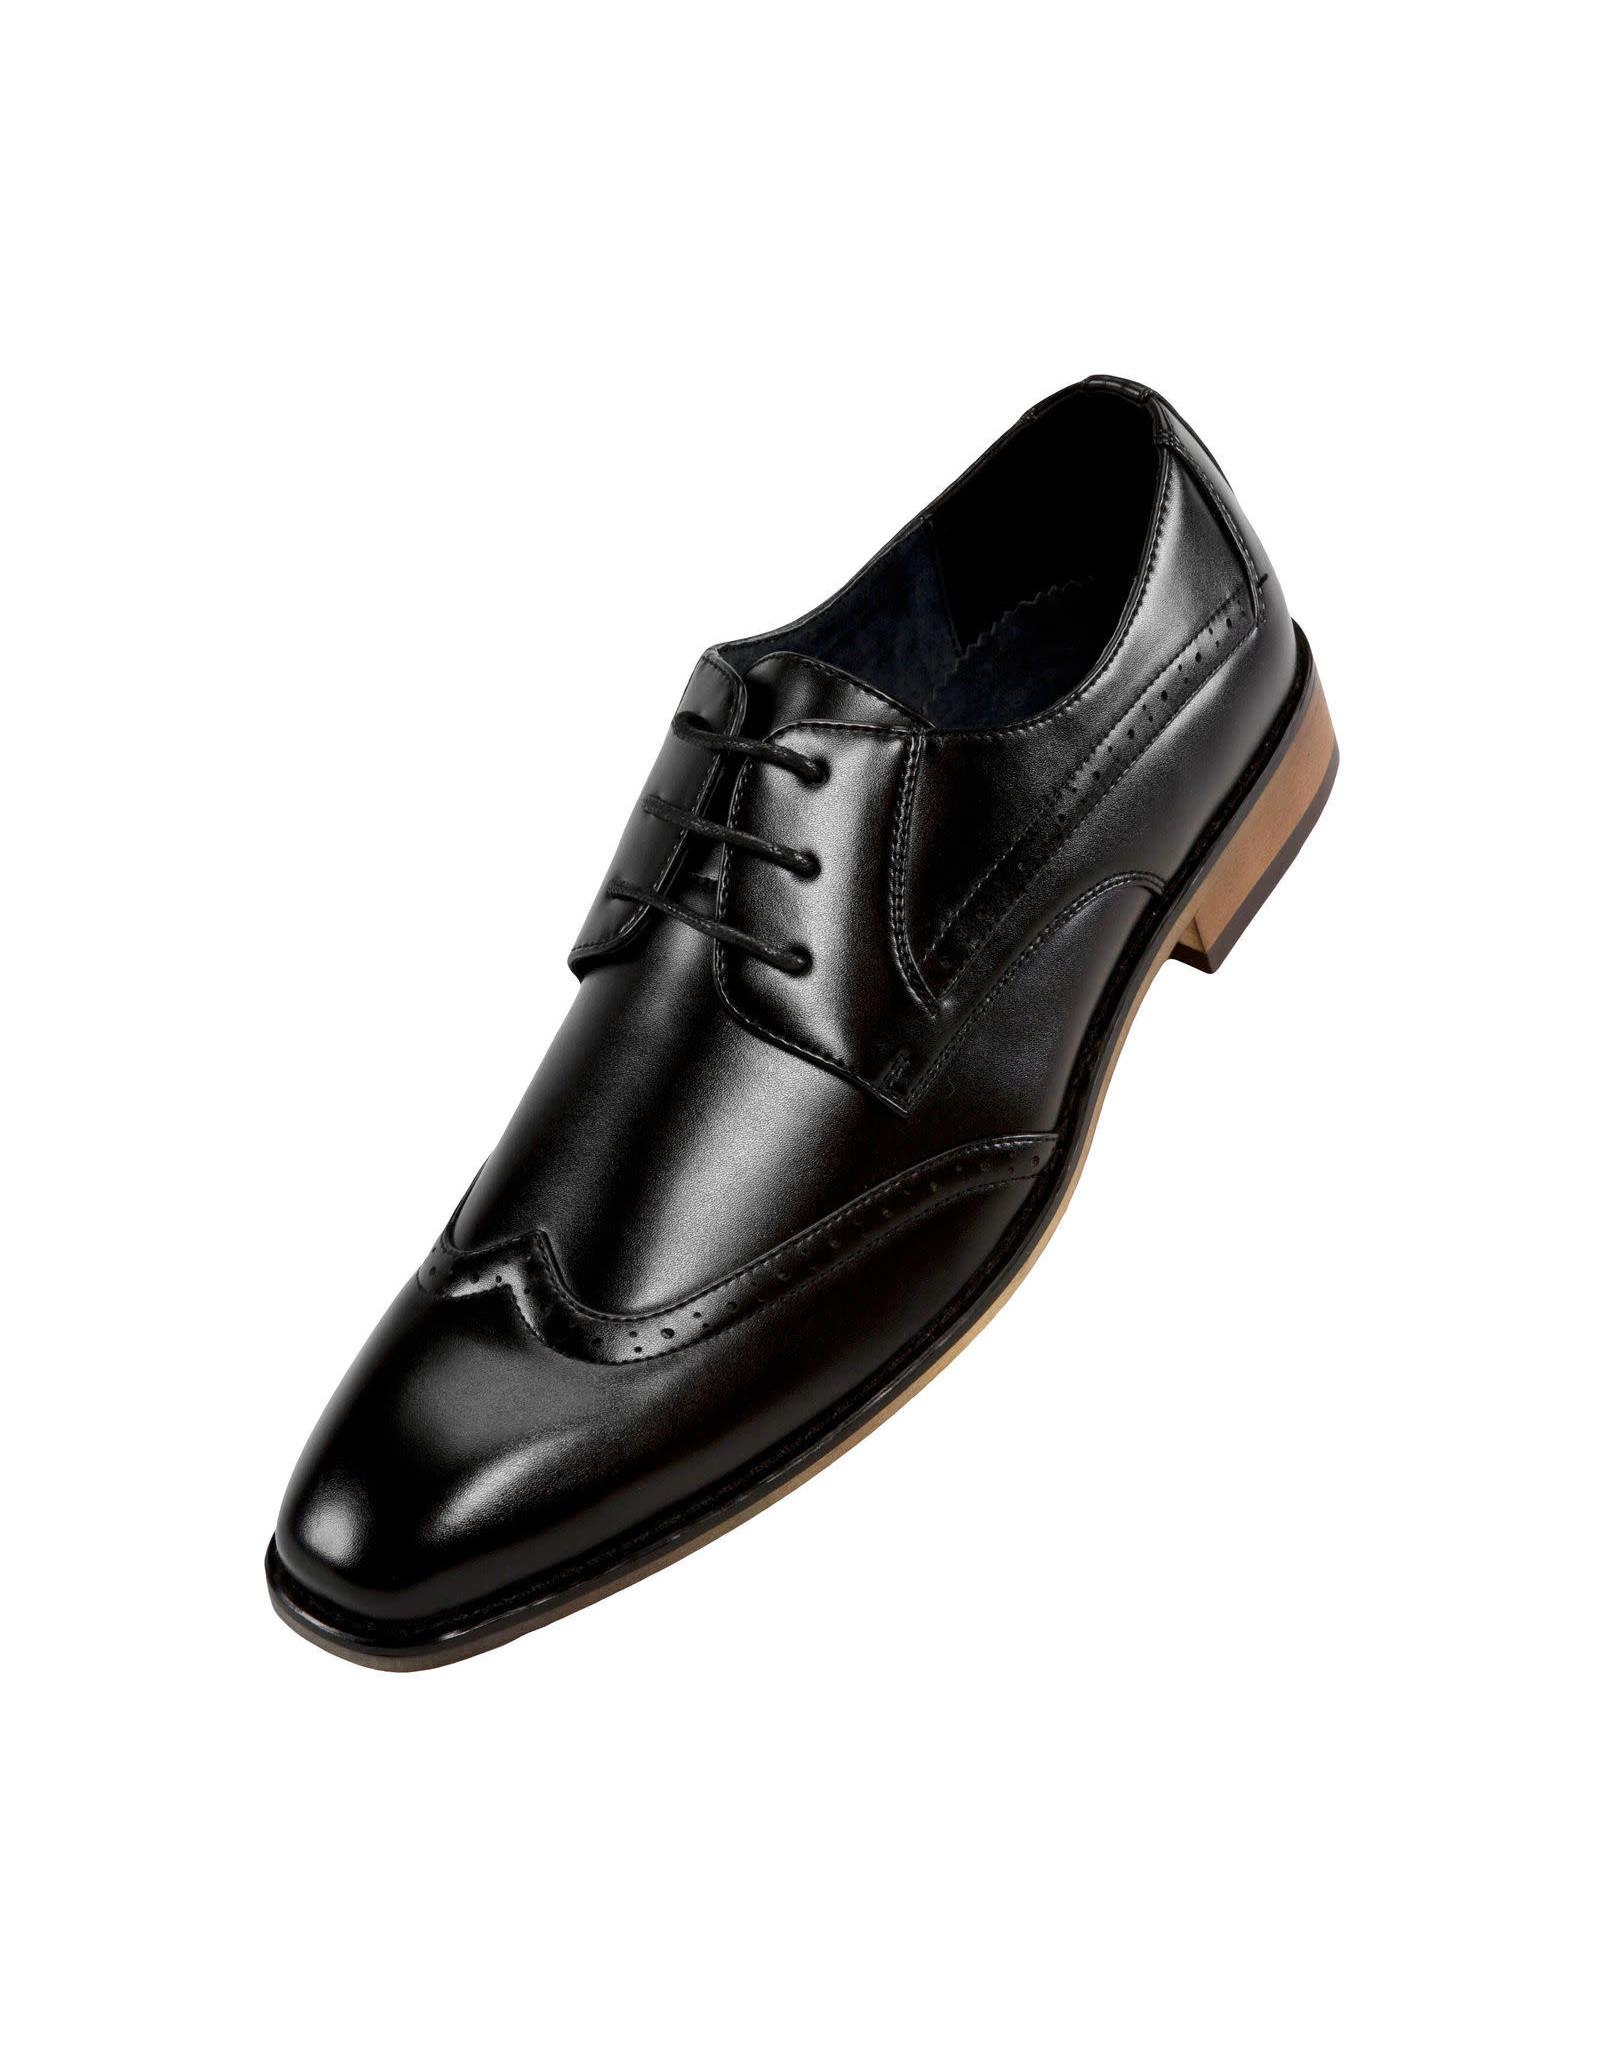 Amali Amali Drax Dress Shoe - Black